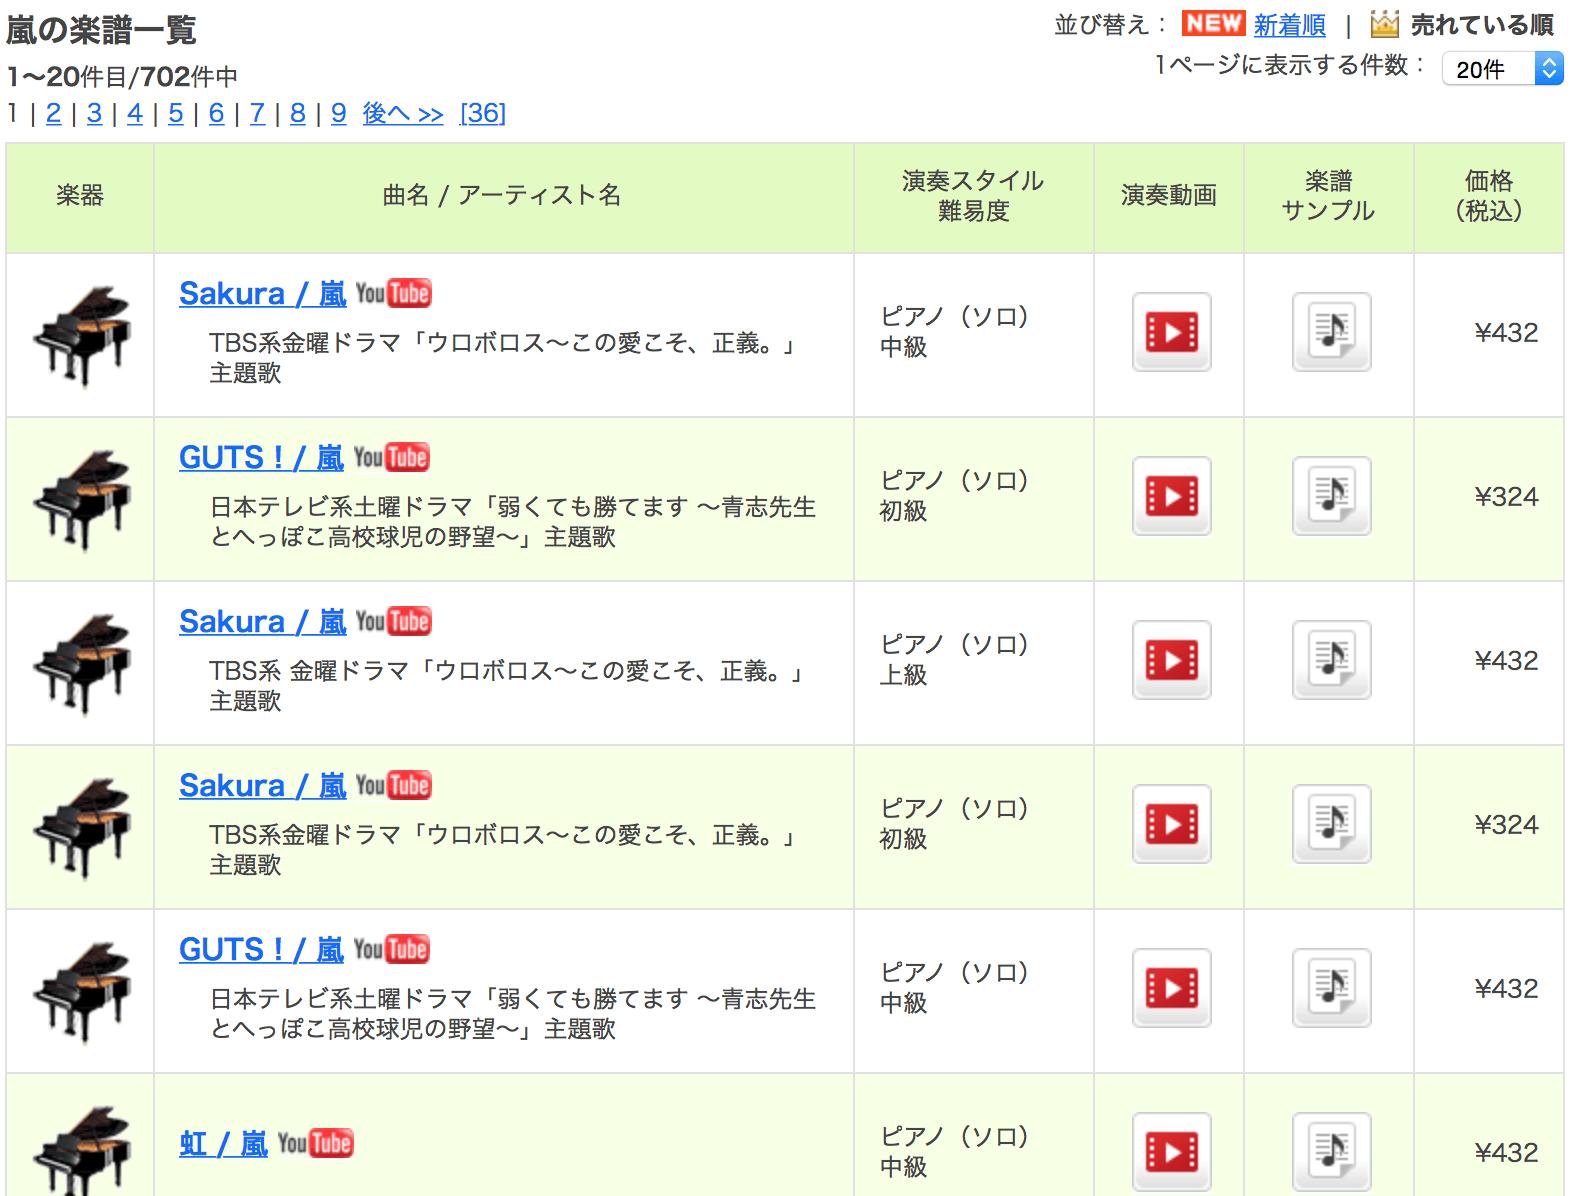 スクリーンショット 2015-04-26 10.42.45